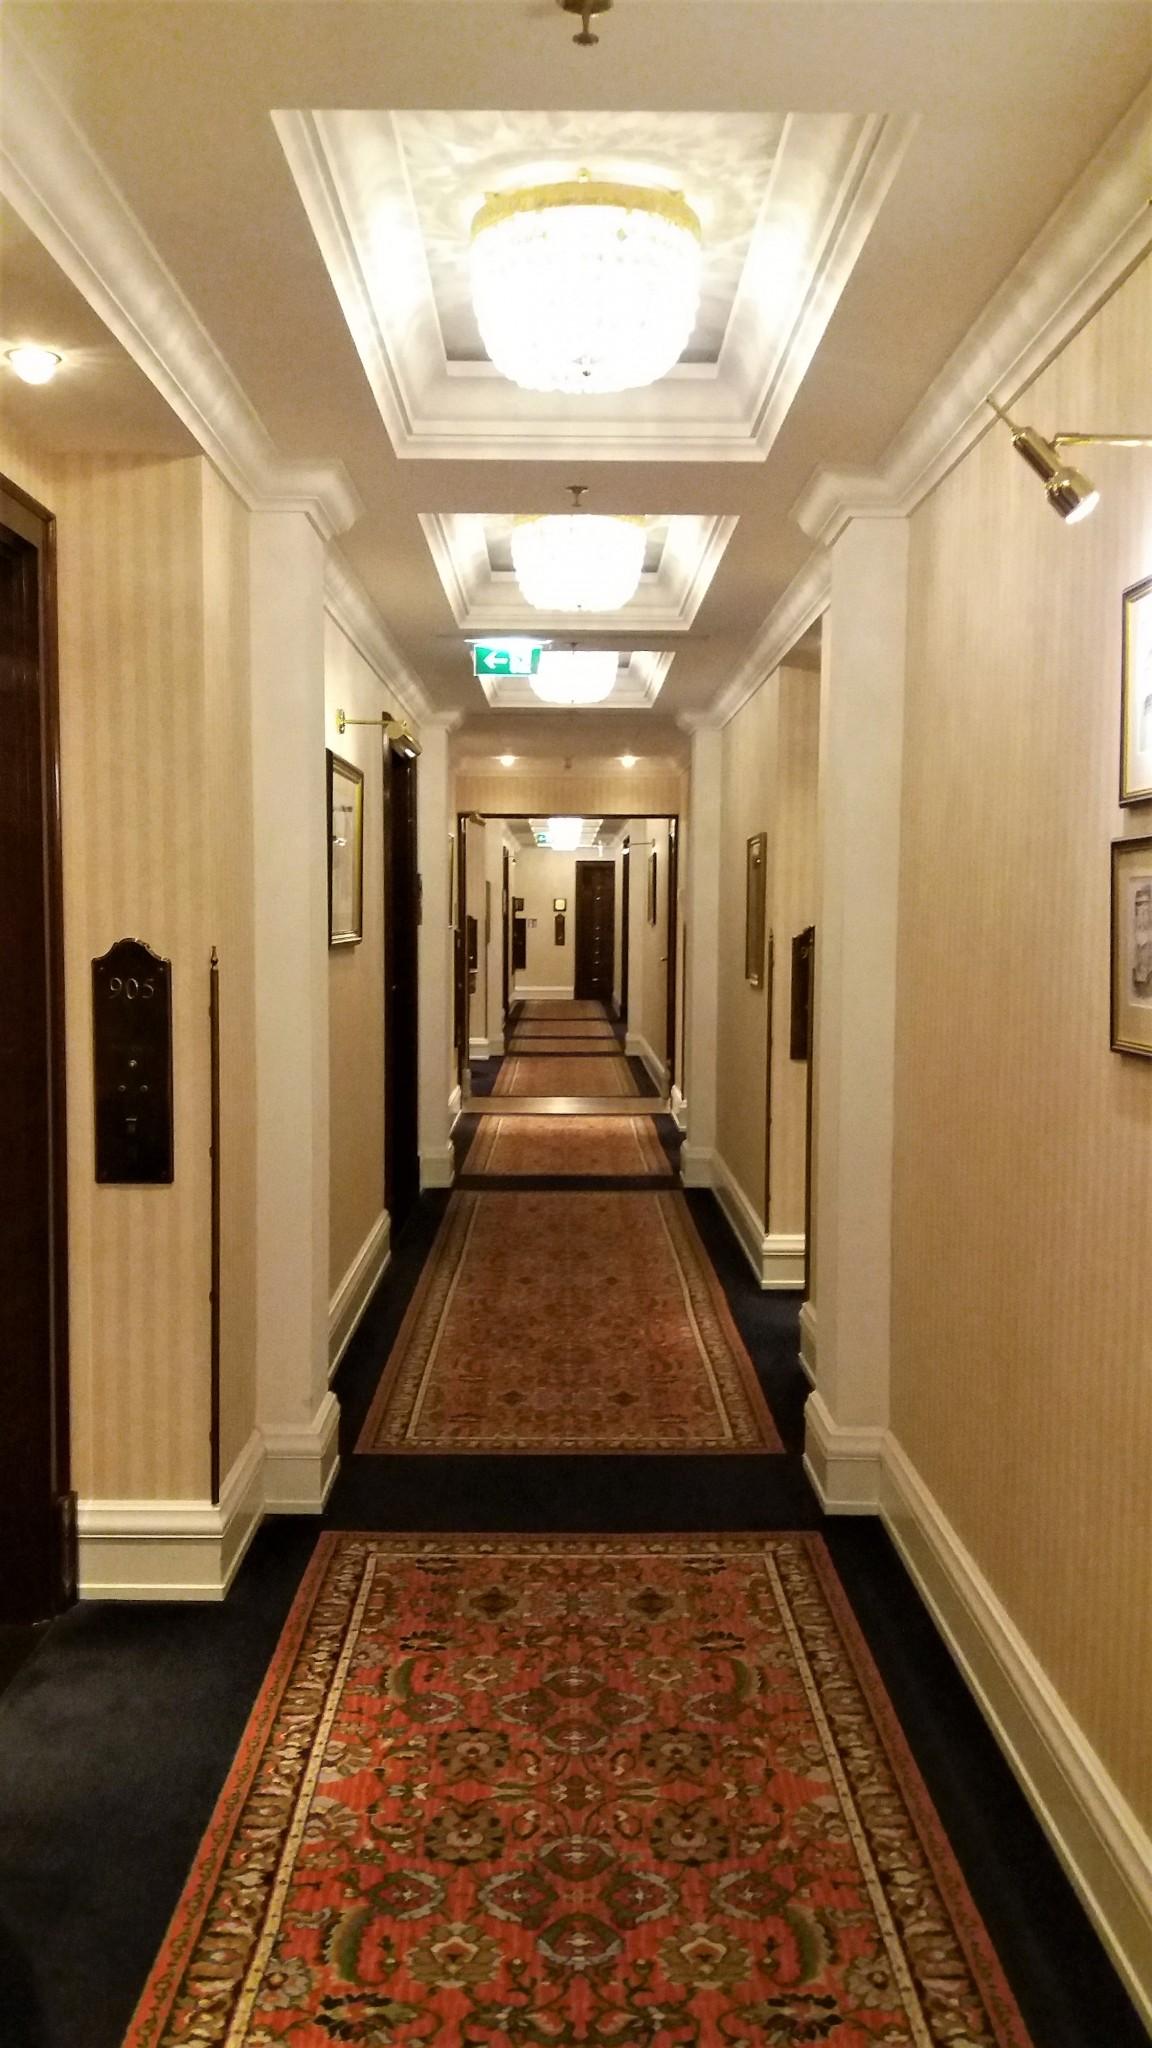 The Ritz-Carlton Berlin corridor